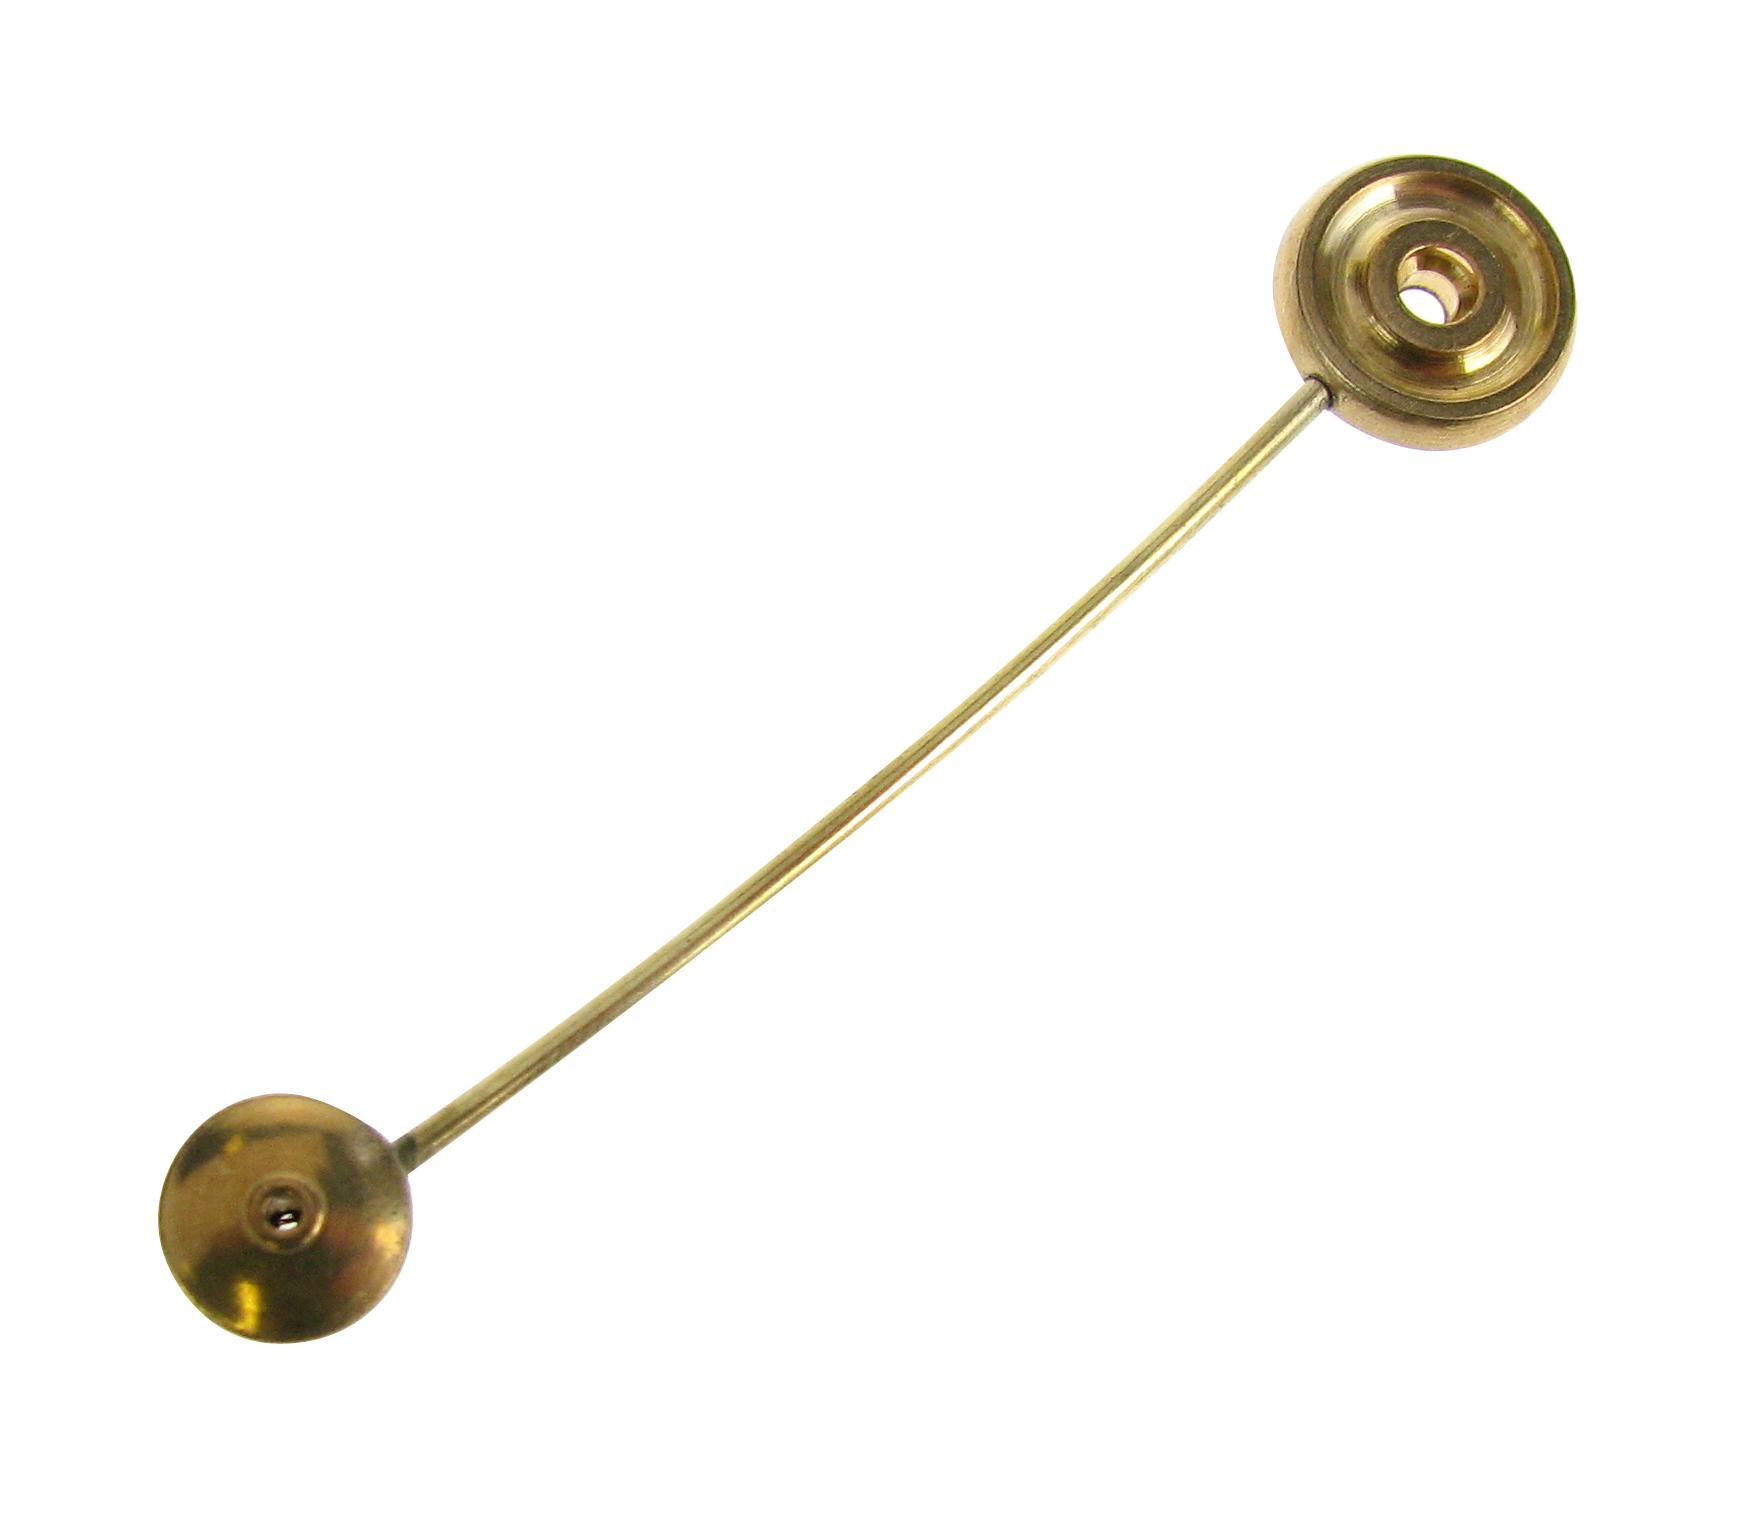 Bel hamer recht voor Franse pendules L:56 mm